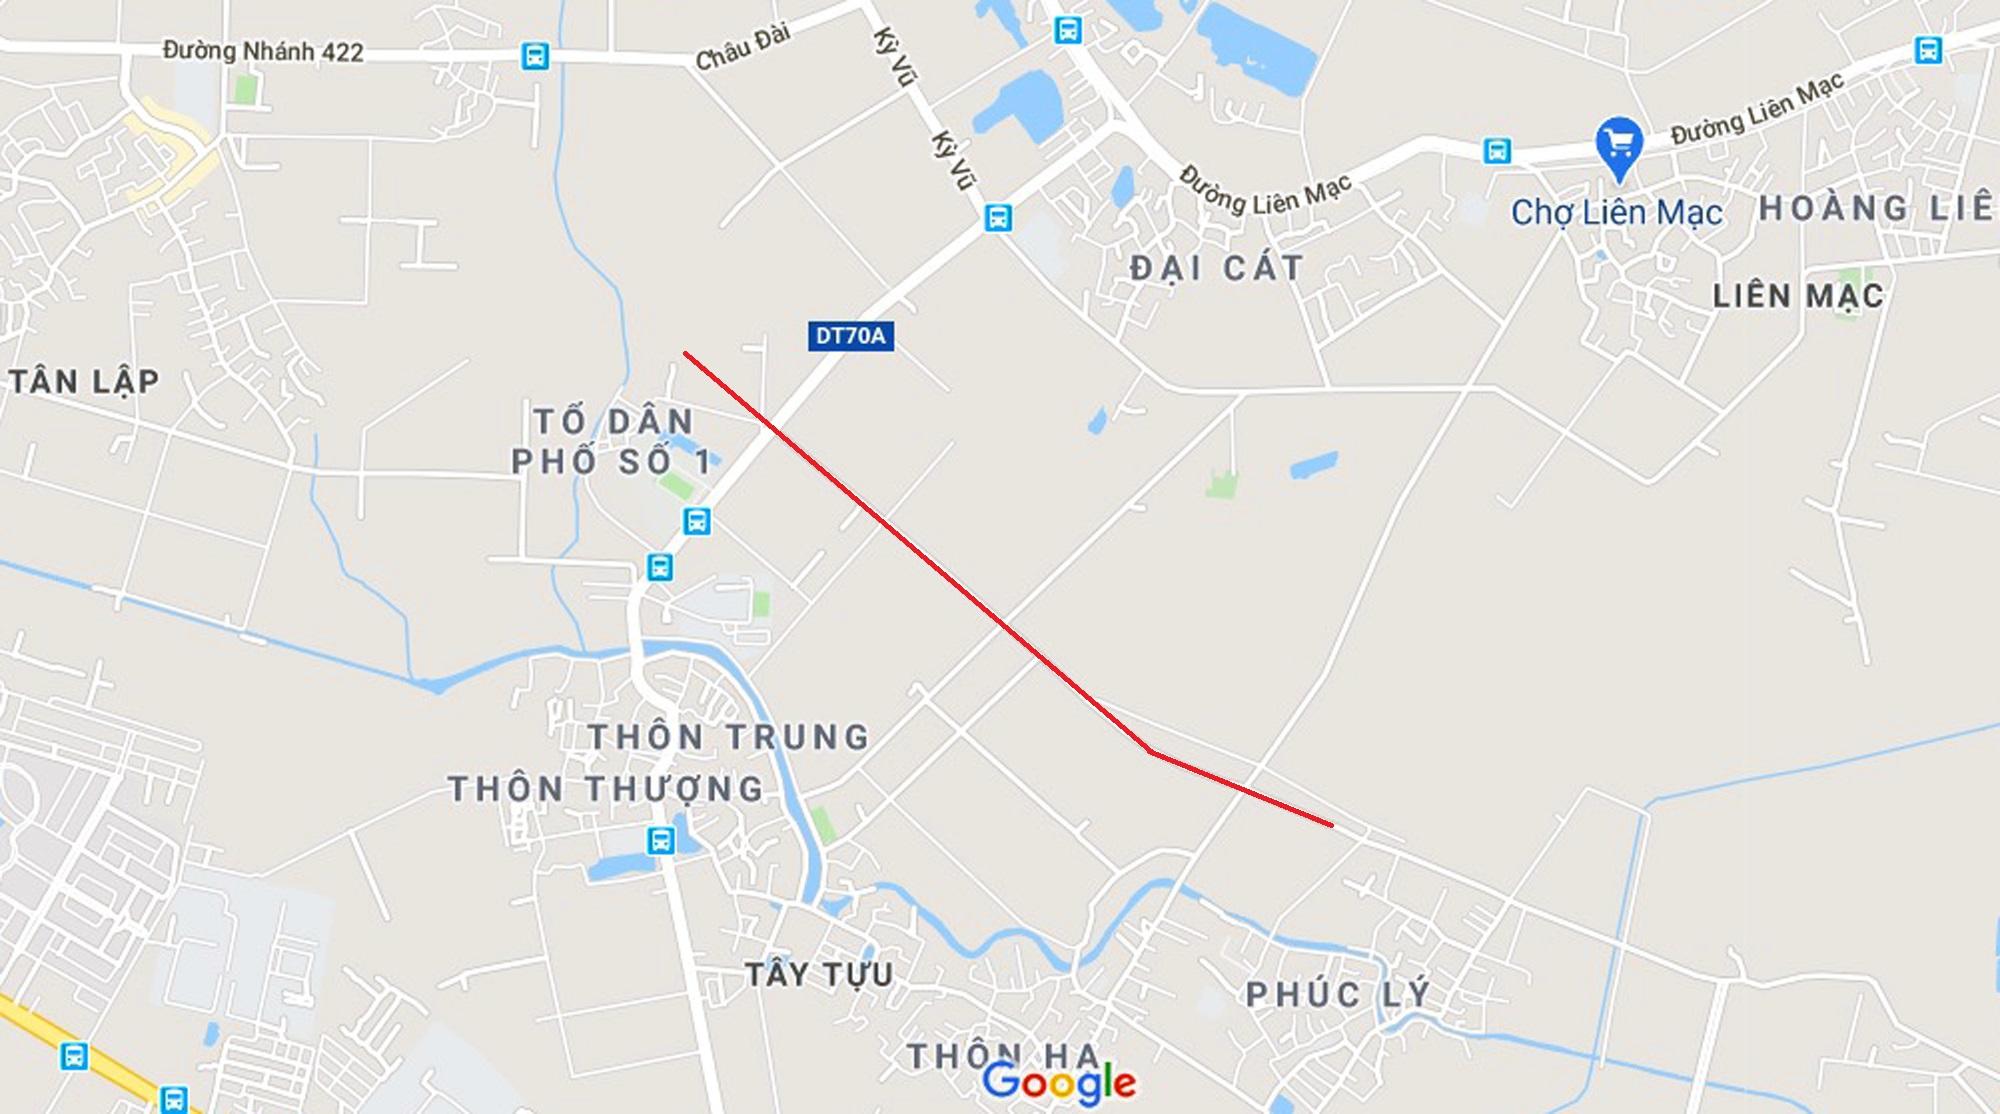 4 đường sẽ mở theo qui hoạch ở phường Tây Tựu, Bắc Từ Liêm - Ảnh 2.